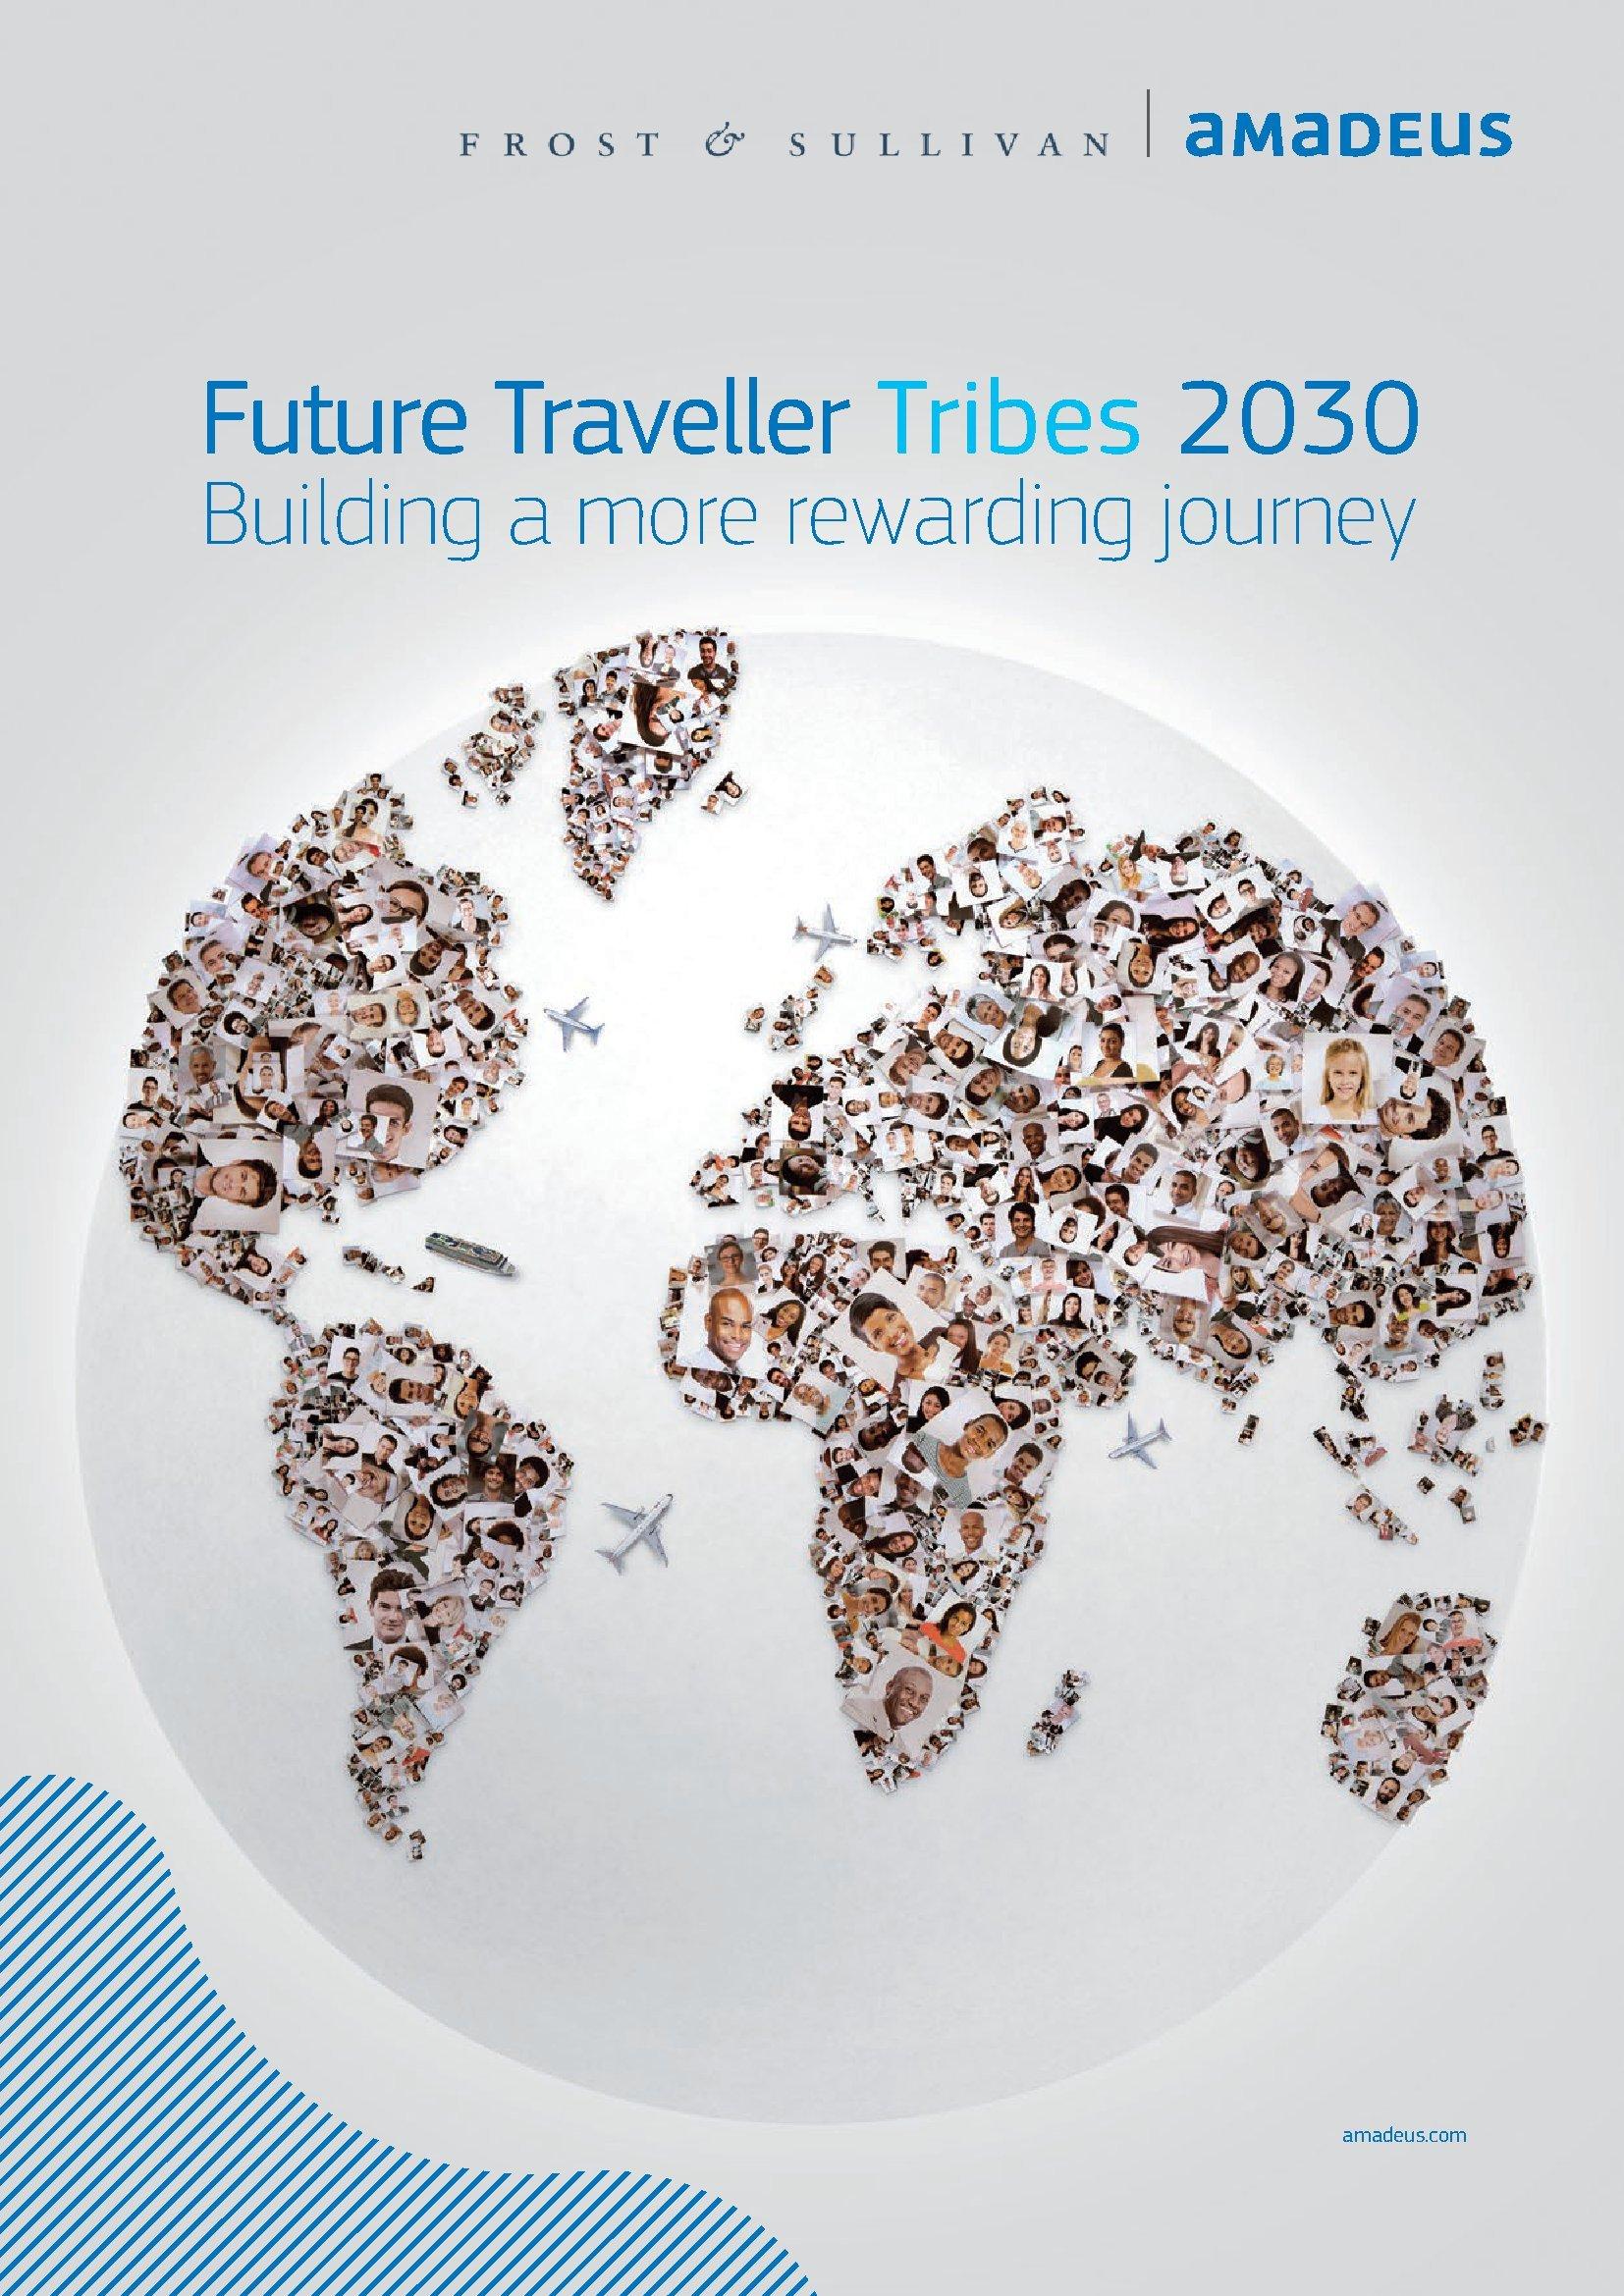 未来旅行者部落2030:建立更有意义的旅程